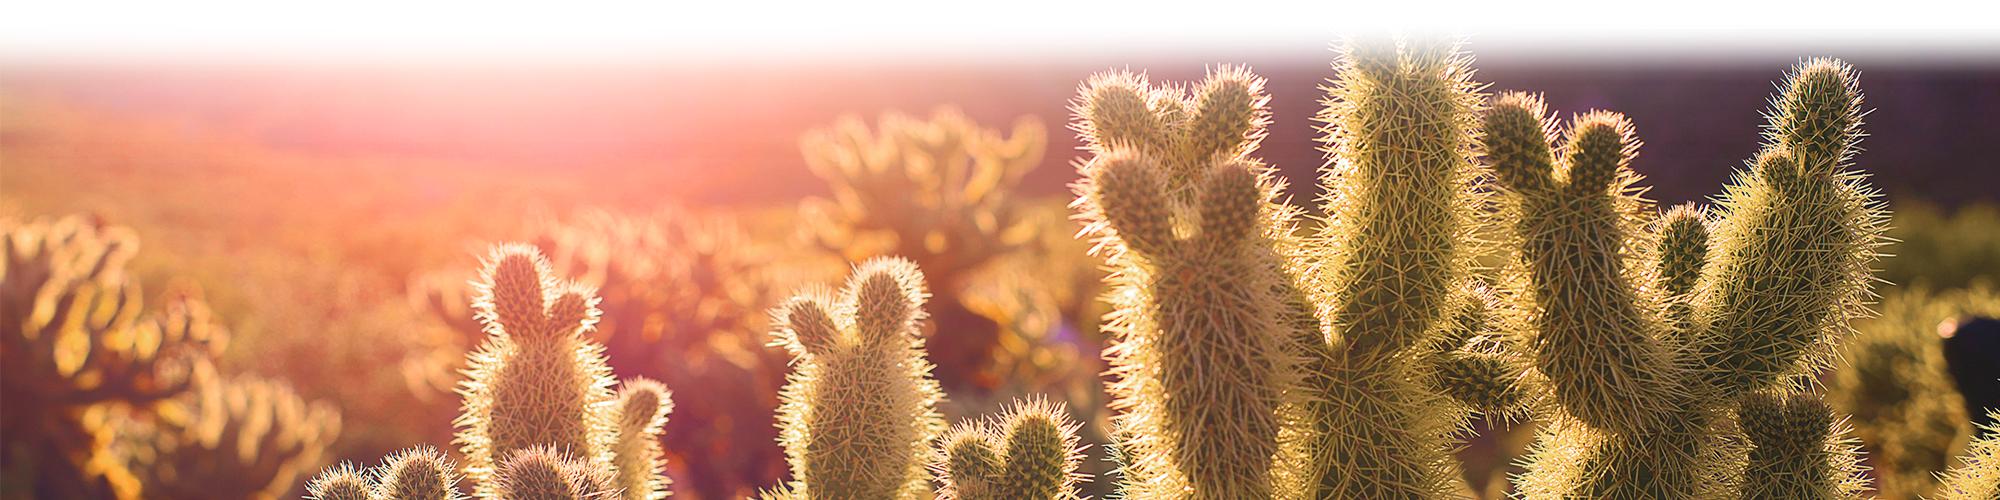 background image of cacti